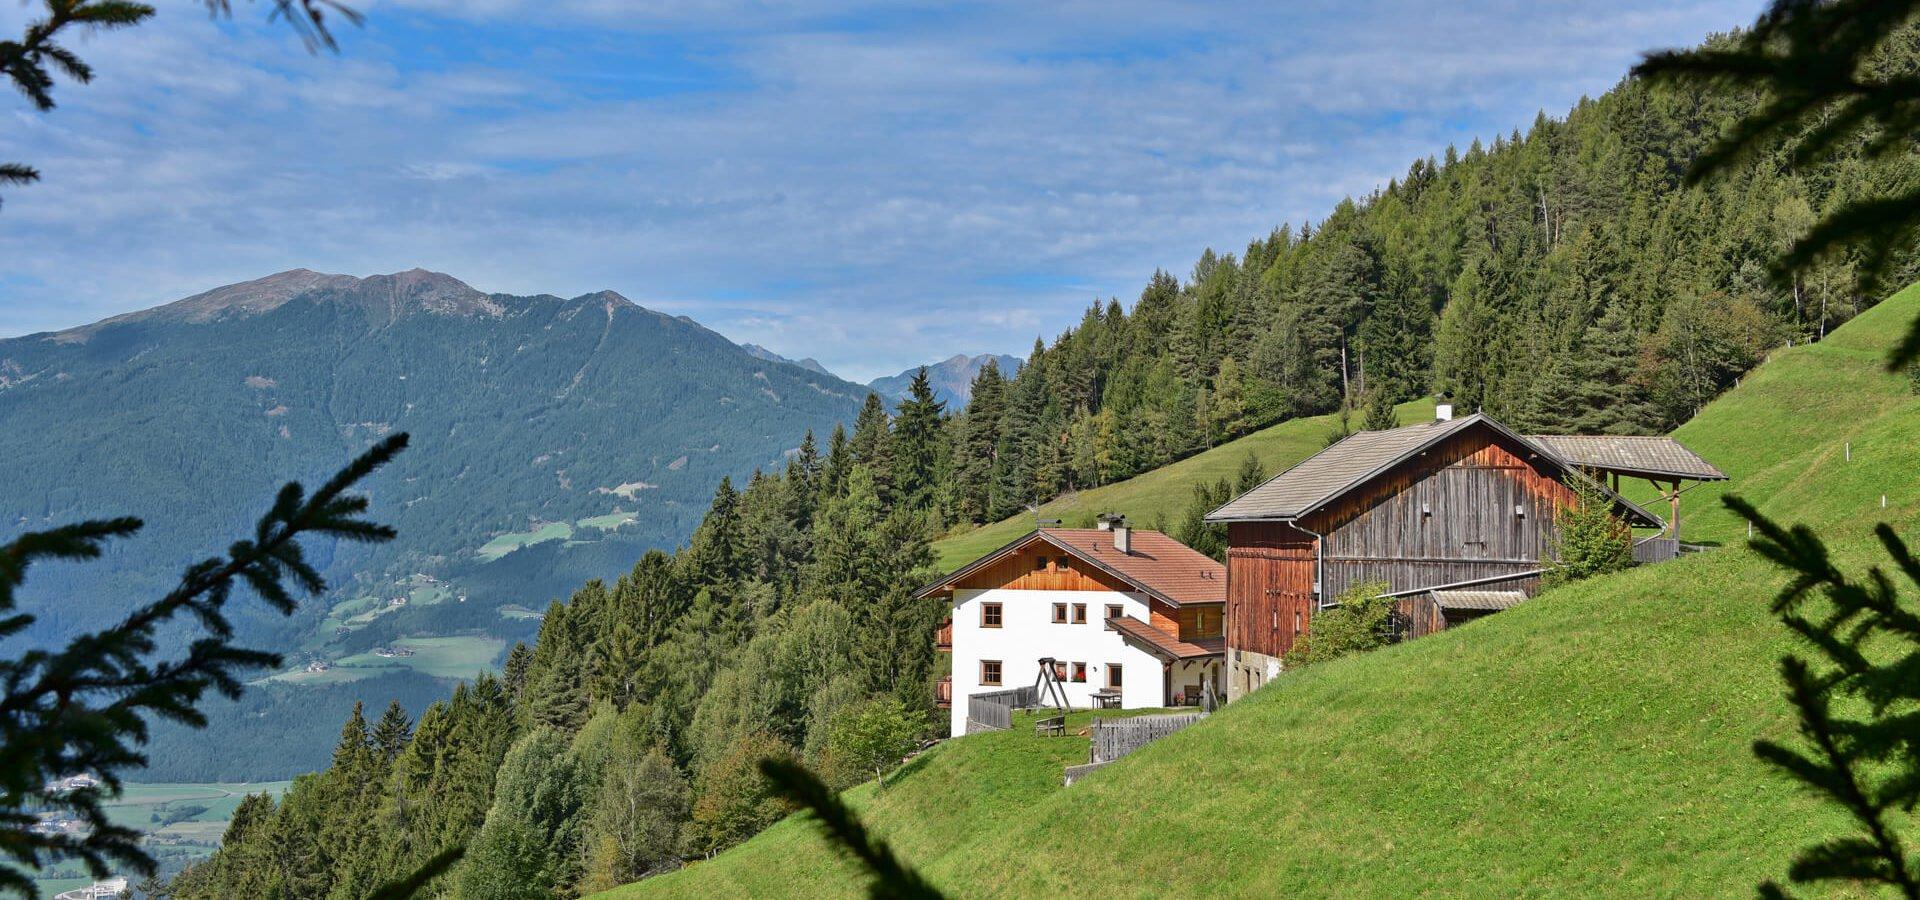 urlaub auf dem bauernhof in brixen s dtirol obererhof am plose berg. Black Bedroom Furniture Sets. Home Design Ideas